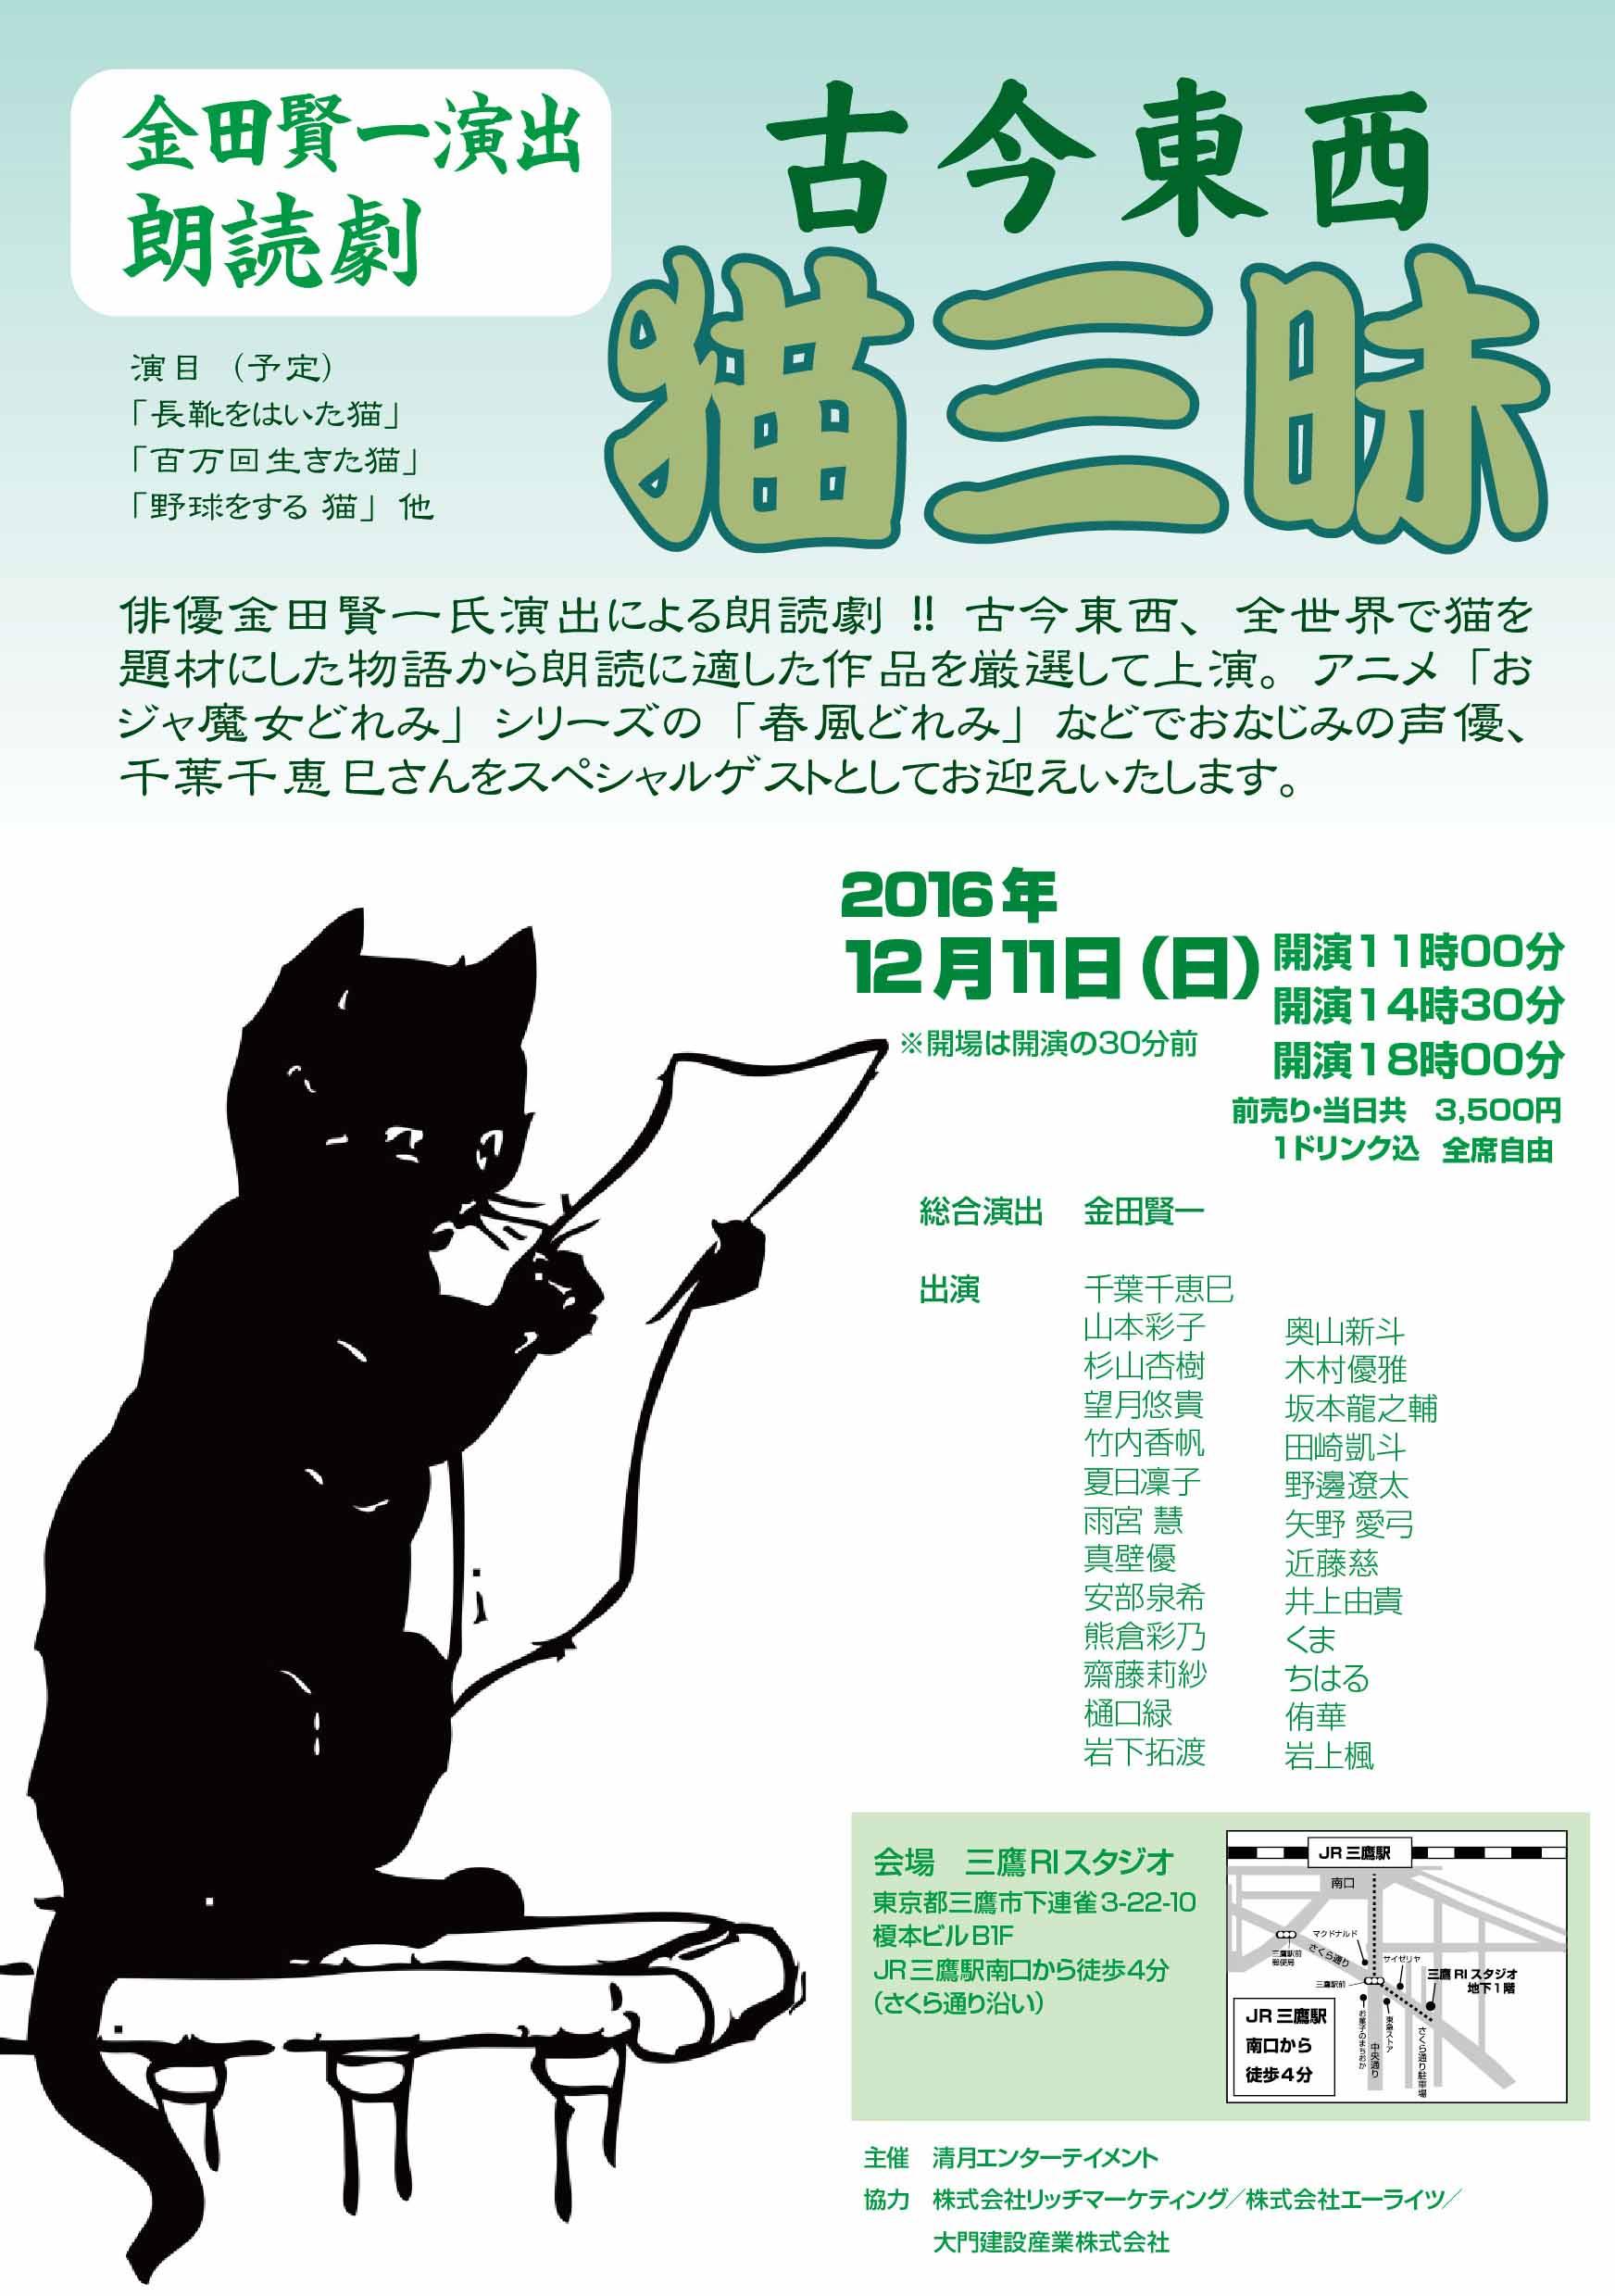 朗読劇「古今東西~猫三昧」【公演日12月11日(日)】